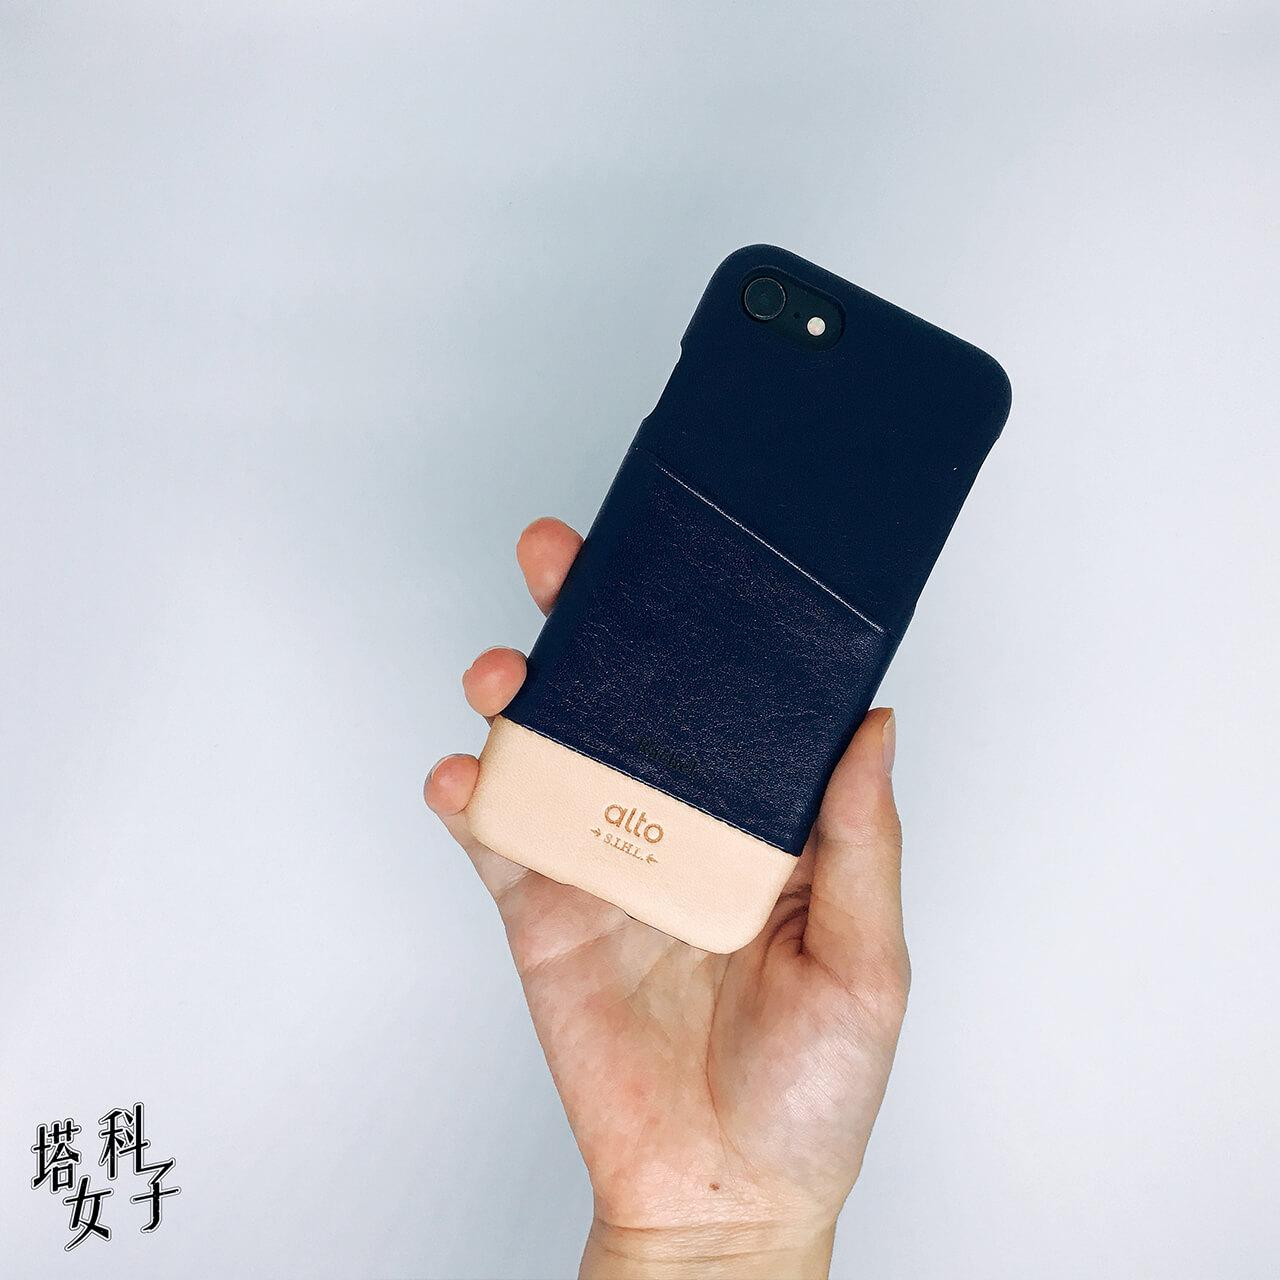 iPhone 手機殼開箱 - alto 海軍藍